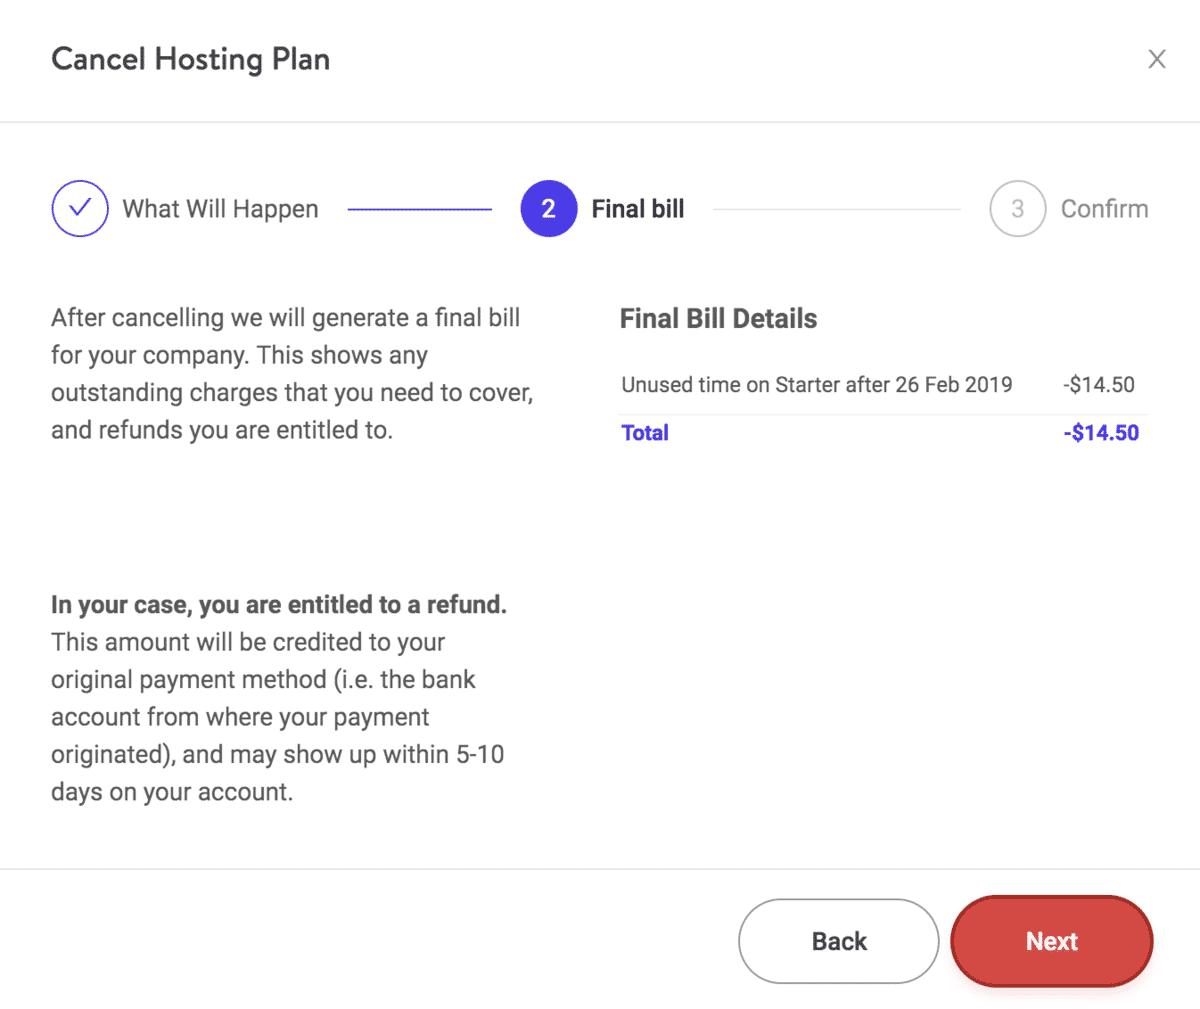 Detalles de la factura final al cancelar el plan Kinsta